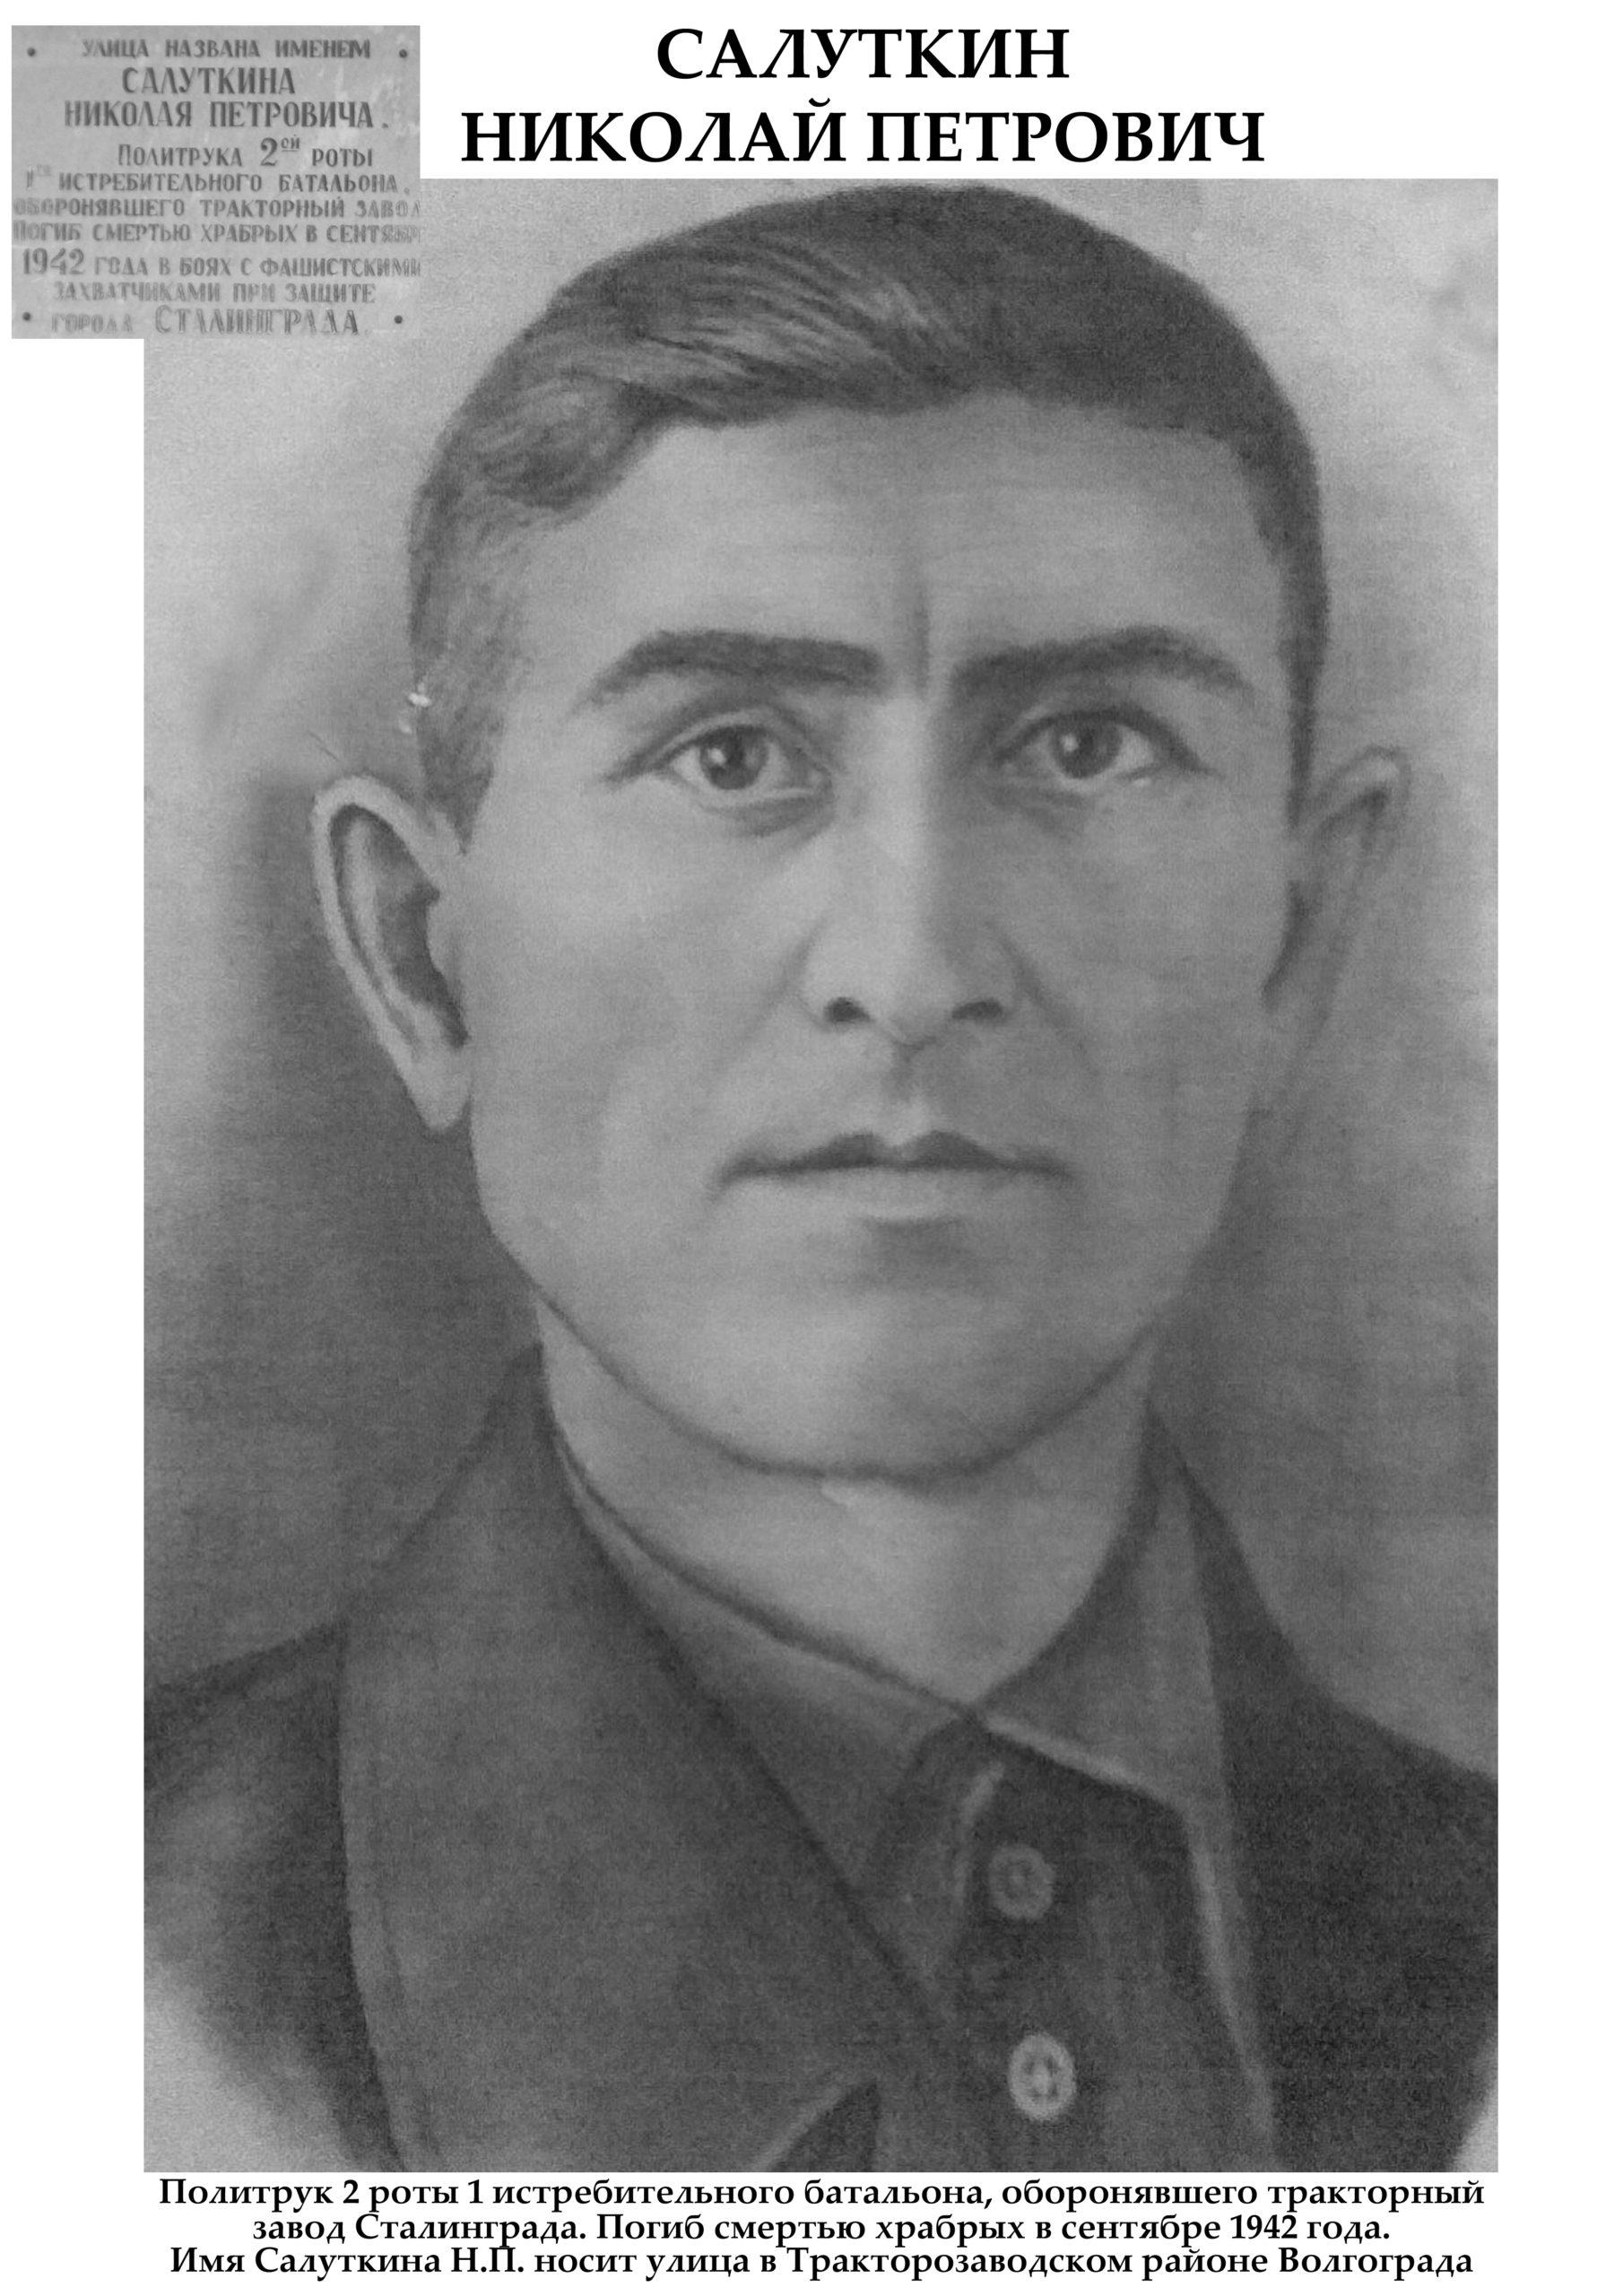 Салуткин Николай Петрович